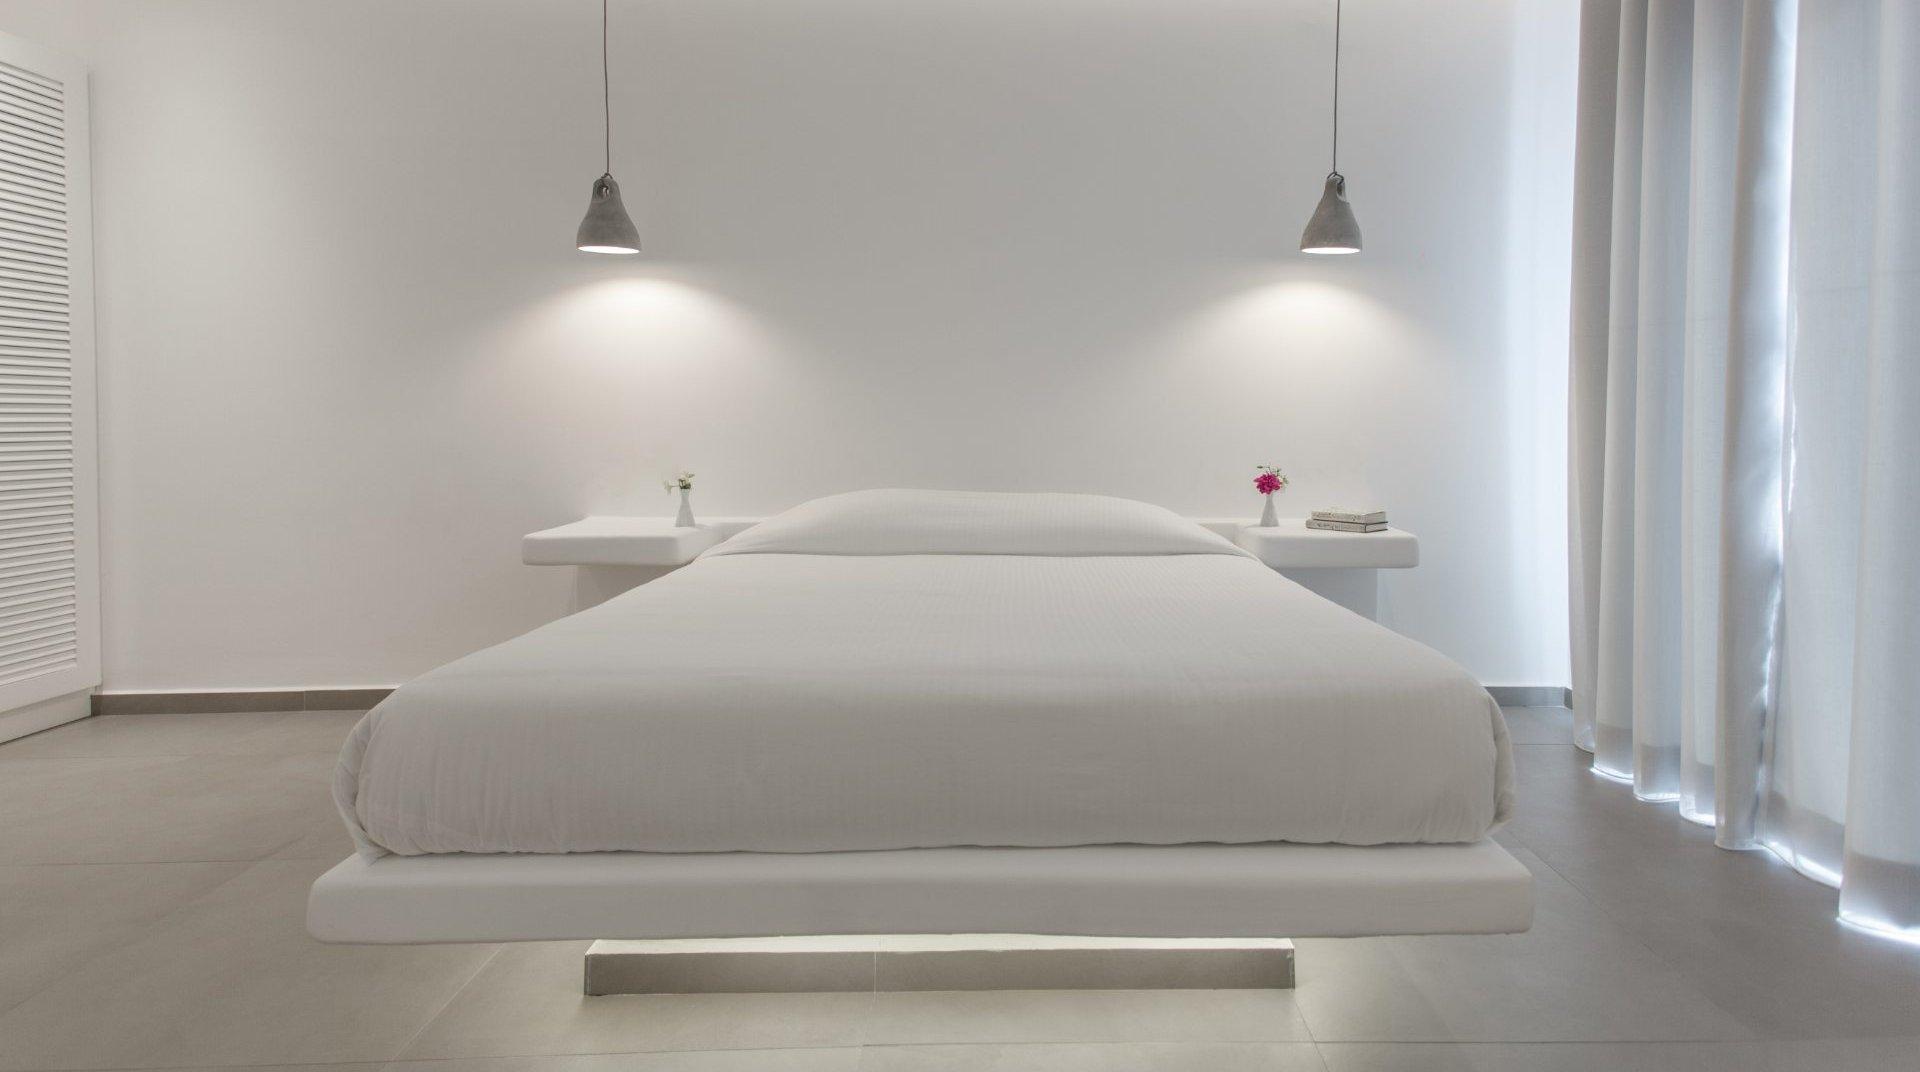 Το κρεβάτι της σουίτας από την μπροστινή πλευρά, με τα κομοδίνα από δίπλα